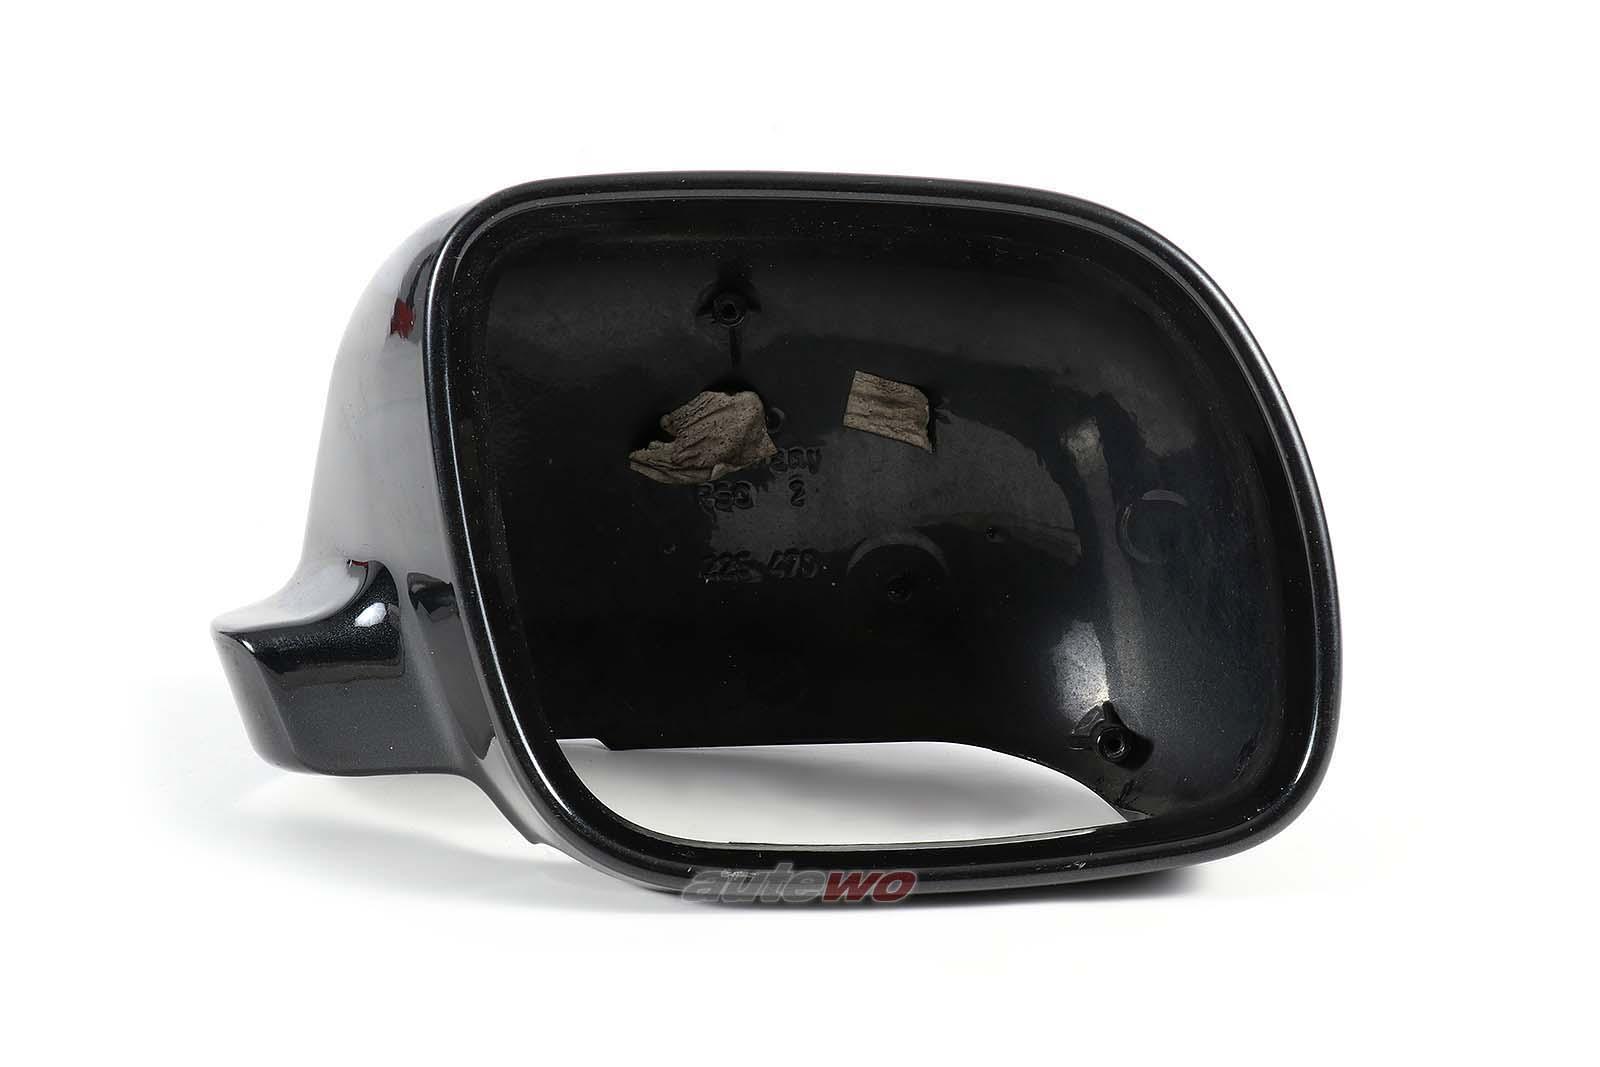 4A1857508 Audi A3/A4/A6/A8 Abdeckkappe Außenspiegel Rechts schwarz